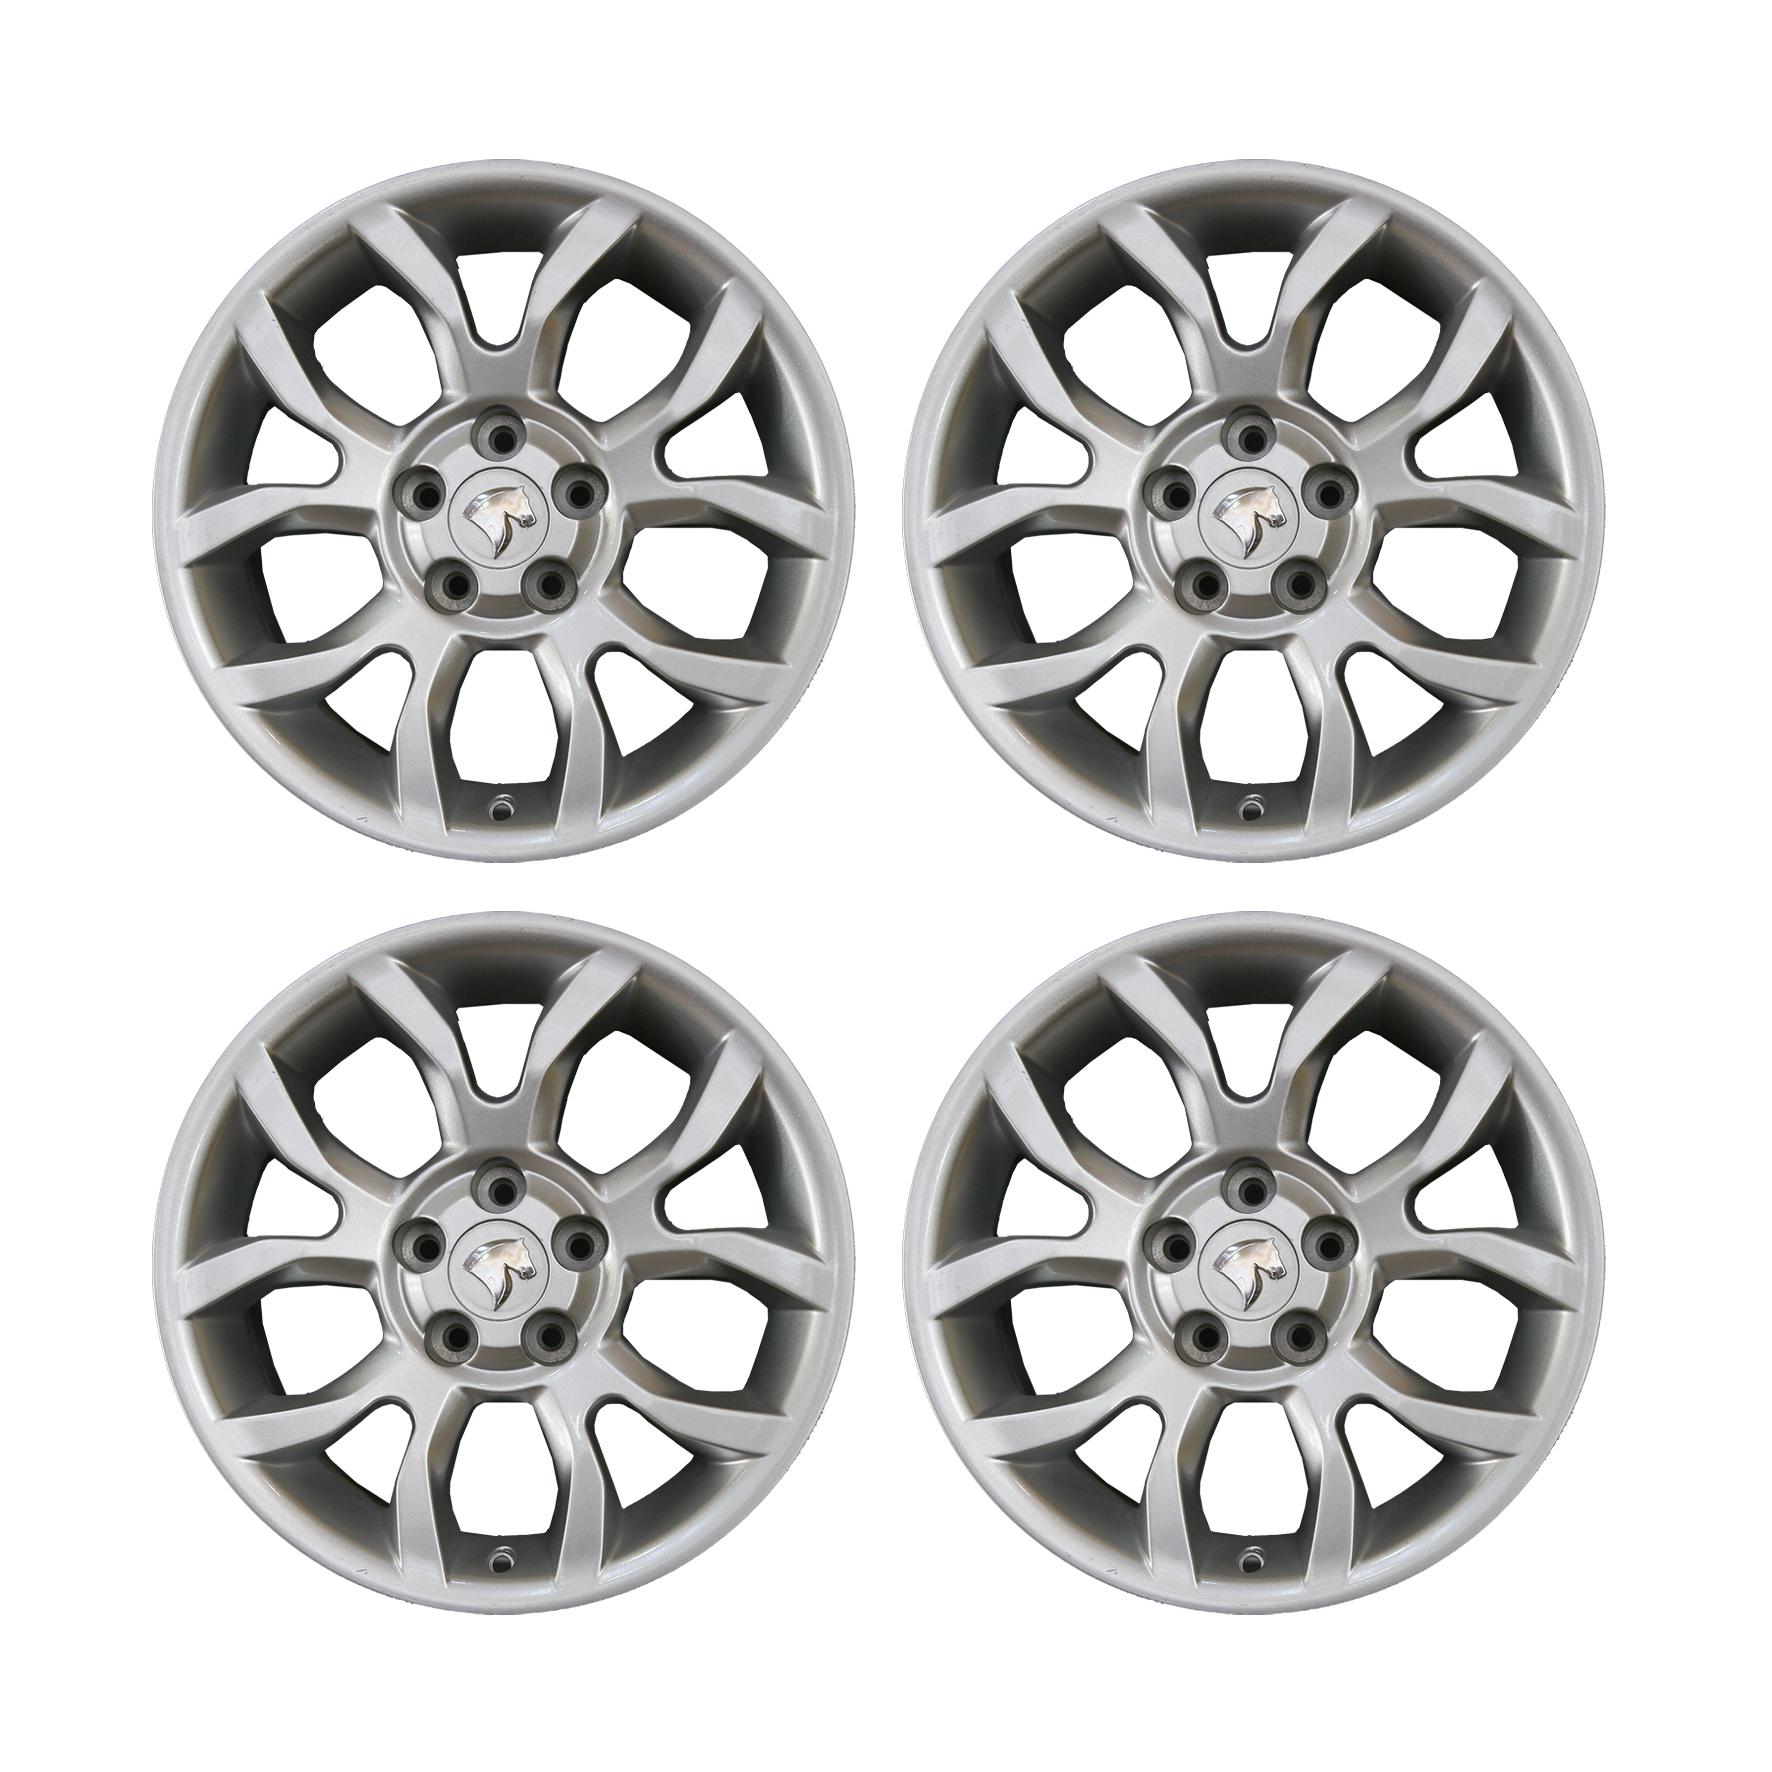 رینگ چرخ مدل X409 سایز 16 مناسب برای دنا پلاس بسته 4 عددی